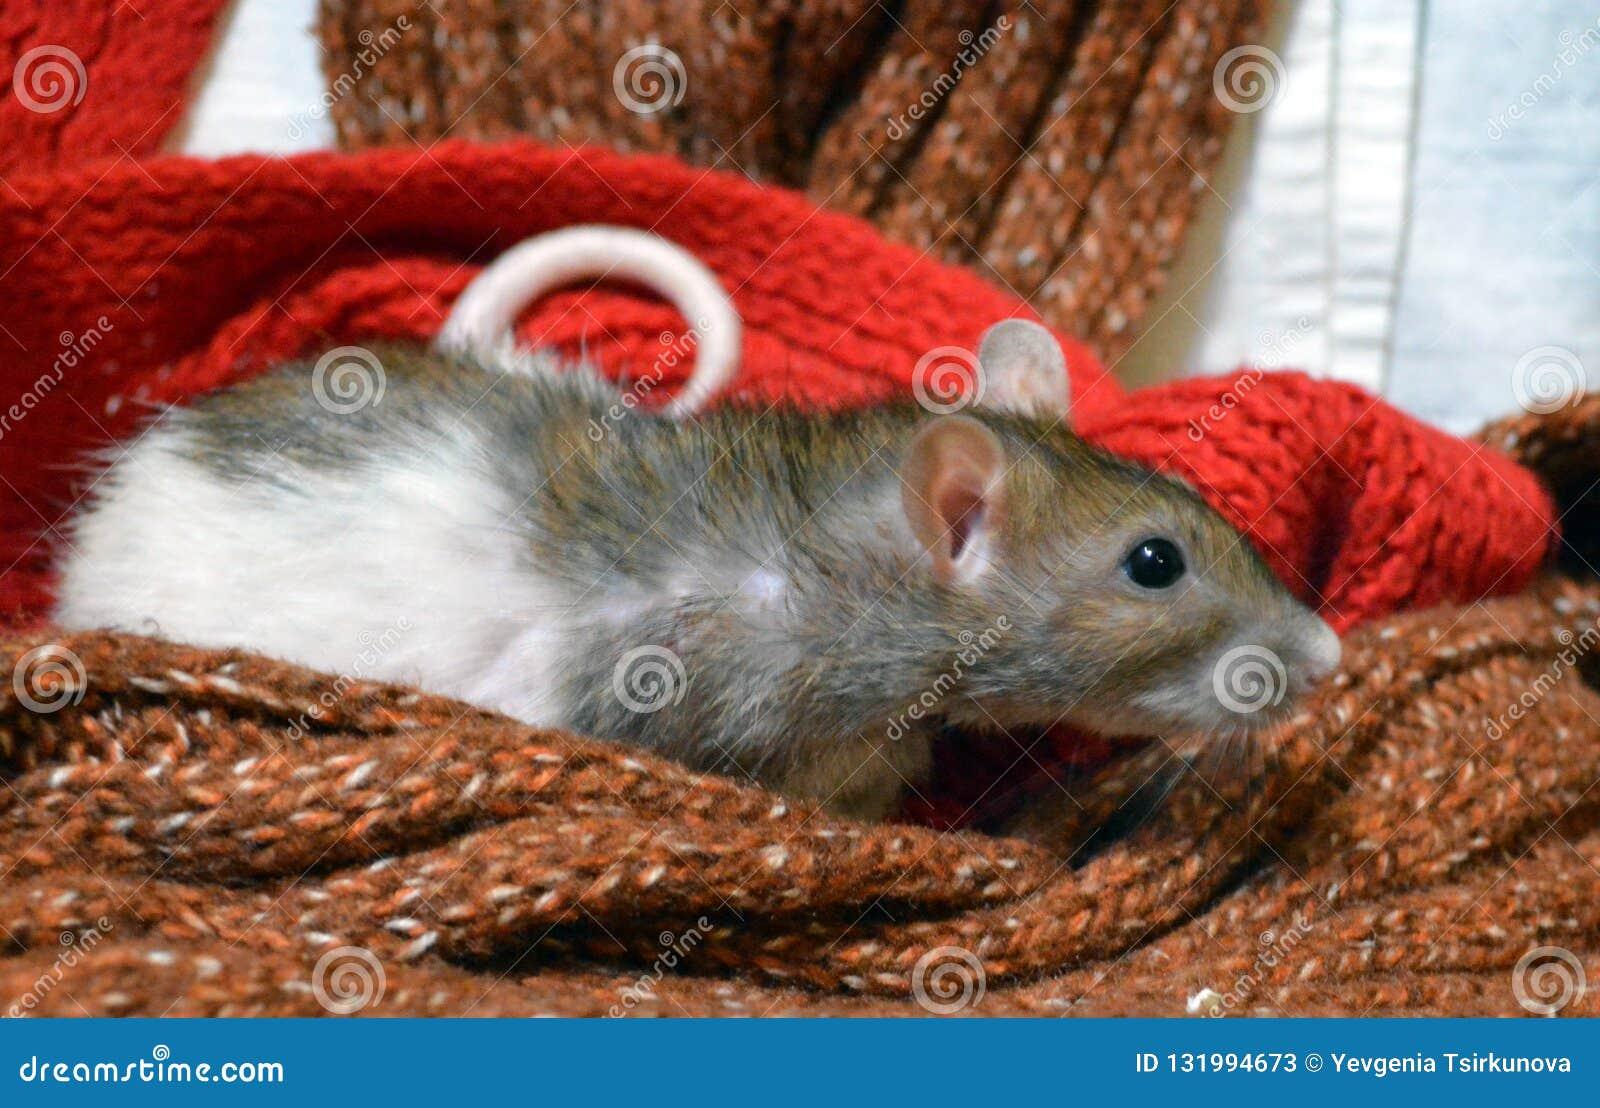 Смешная крыса среди теплых шарфов